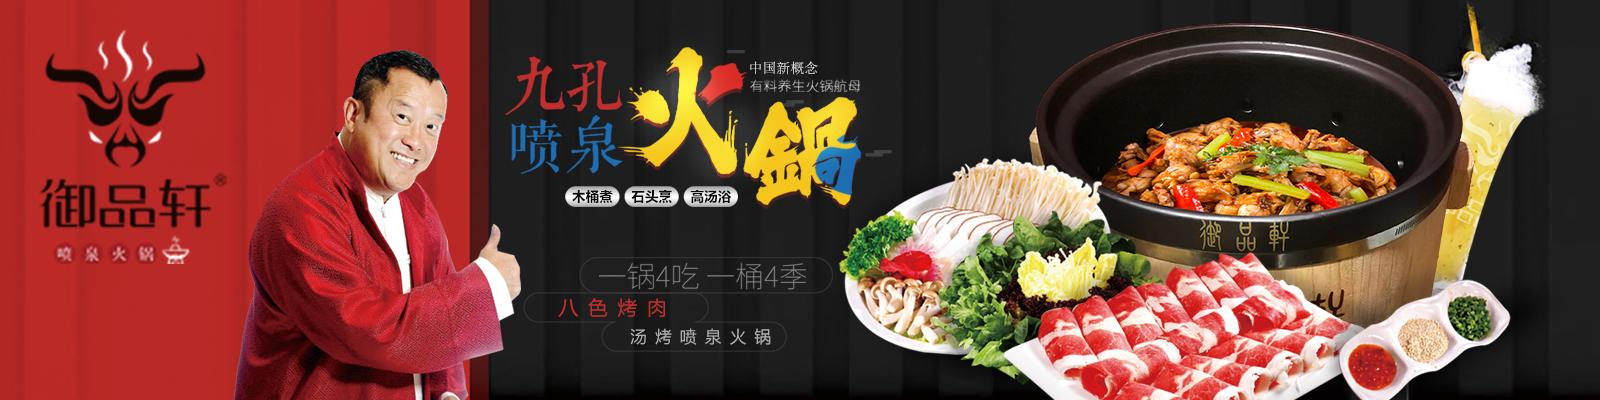 佰年工坊餐饮管理(上海)有限公司